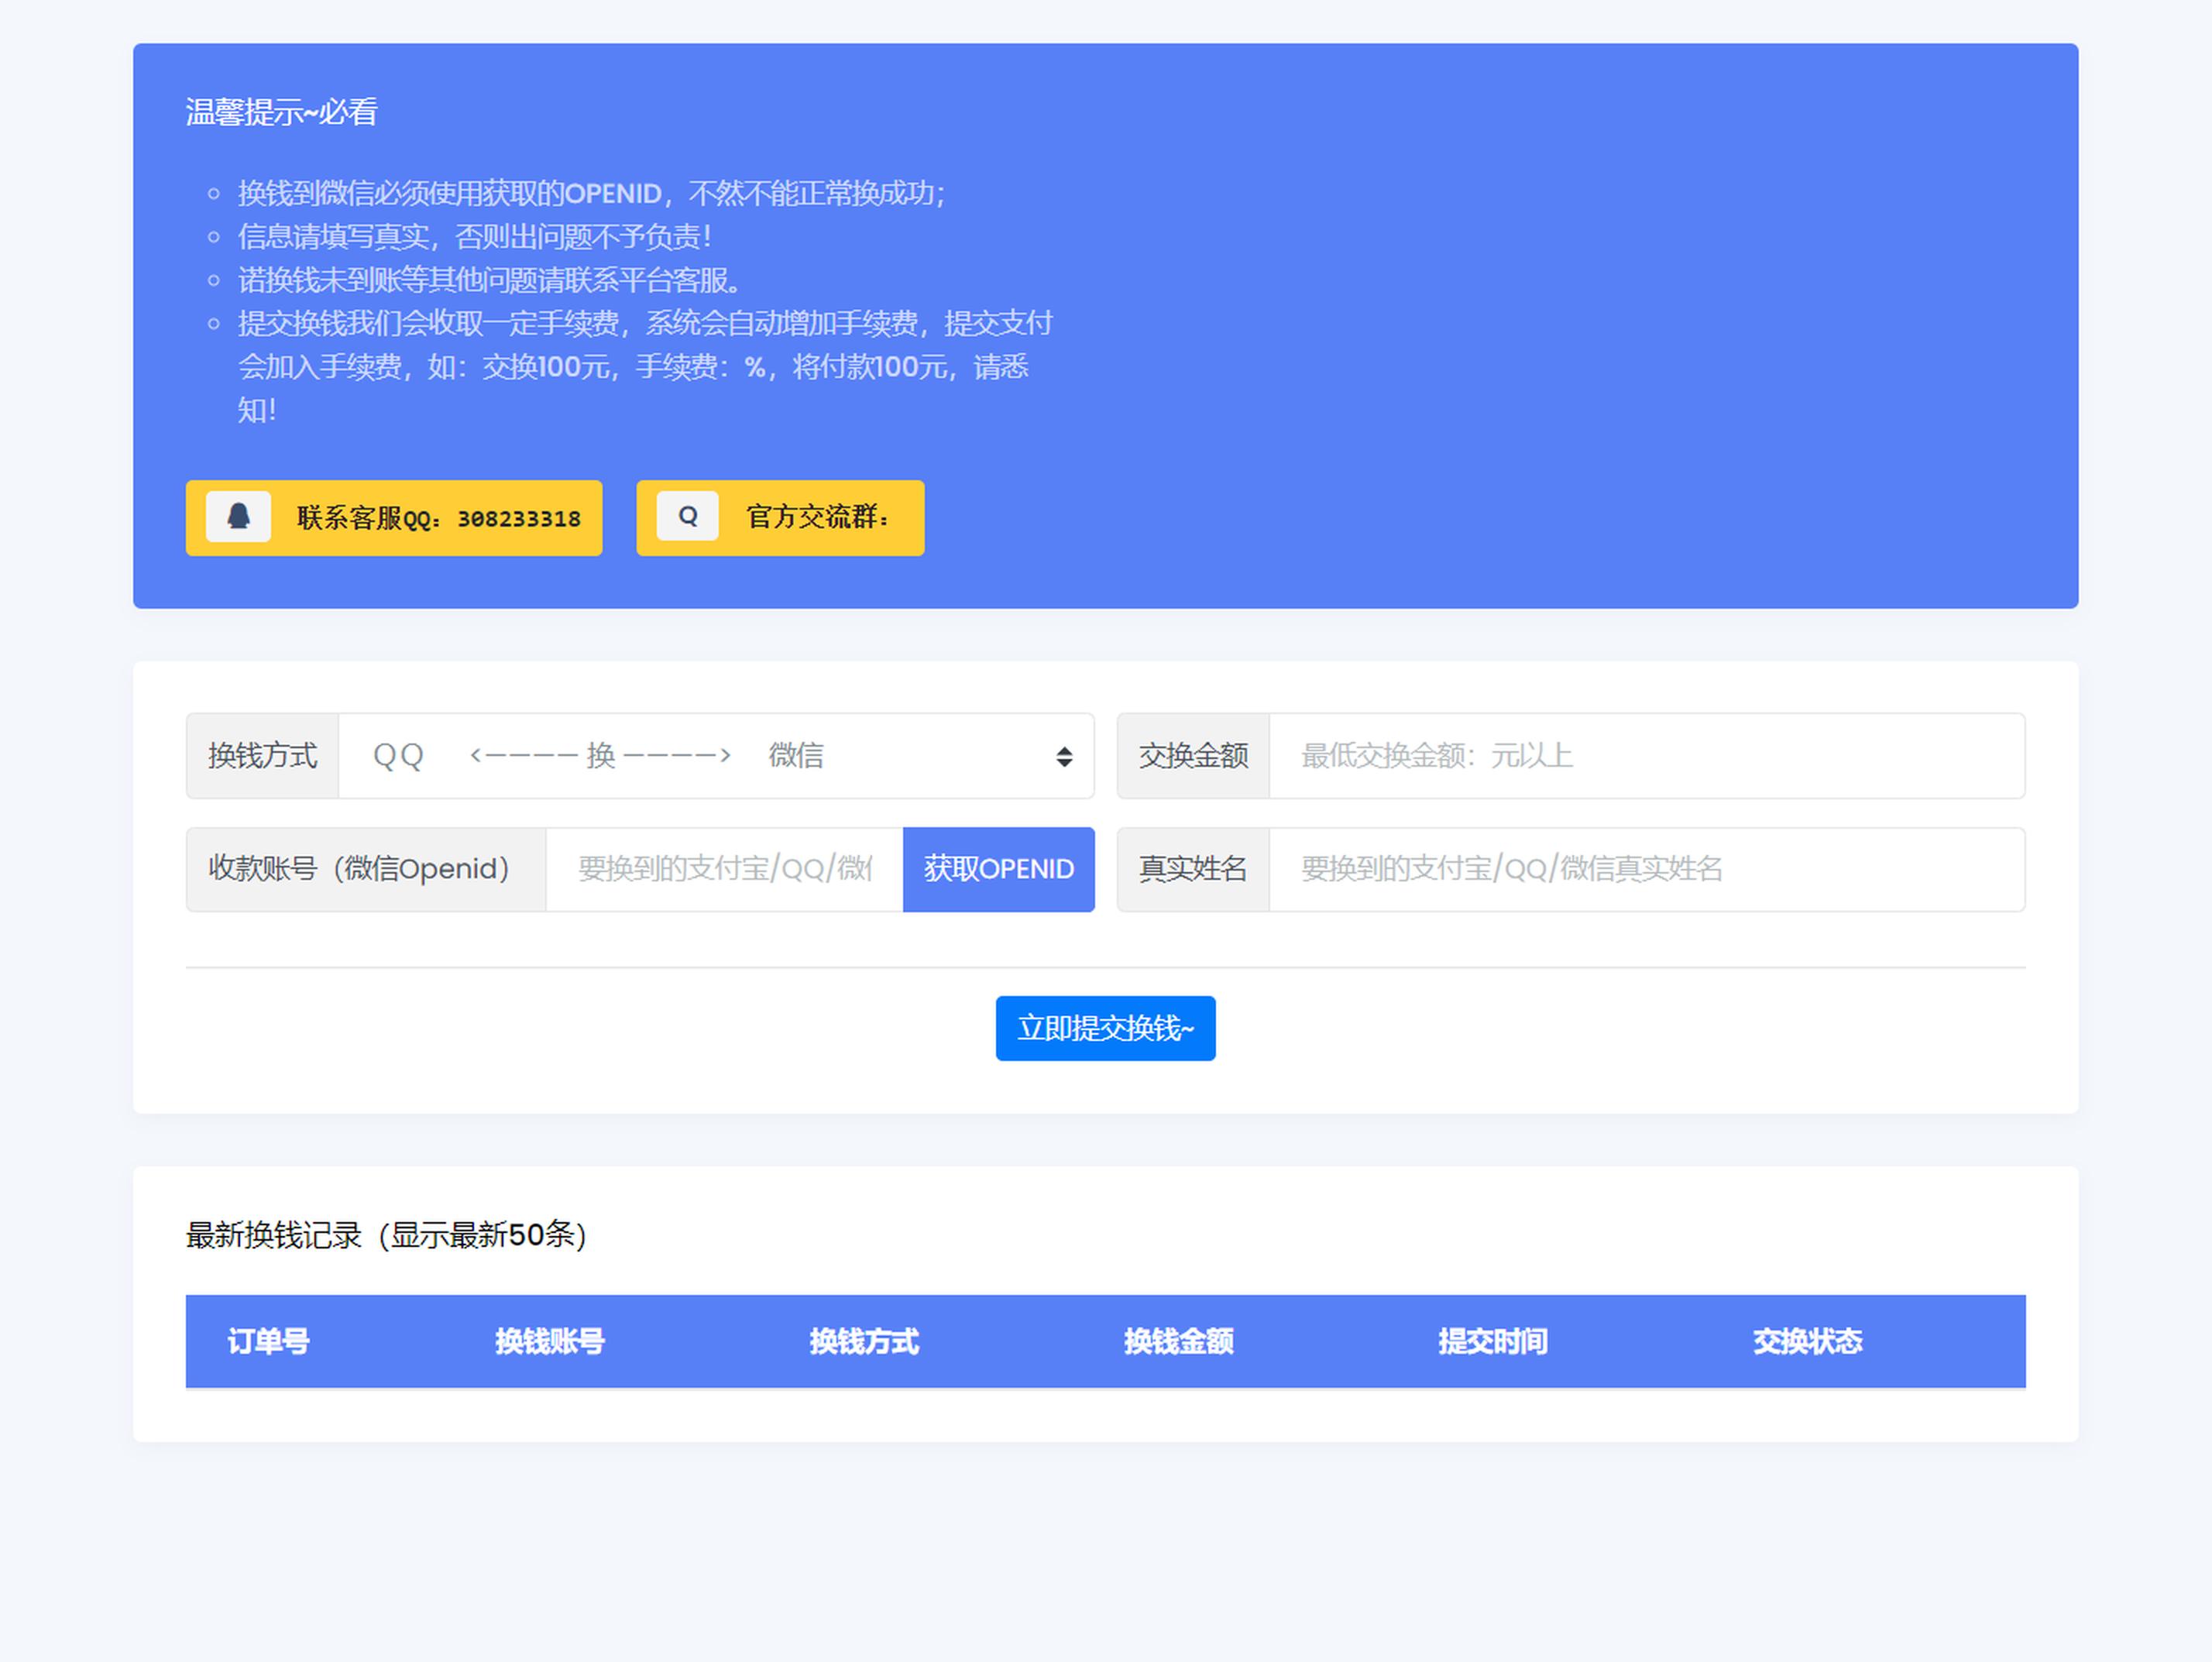 XBU微信支付宝在线换钱网站系统源码-爱资源分享